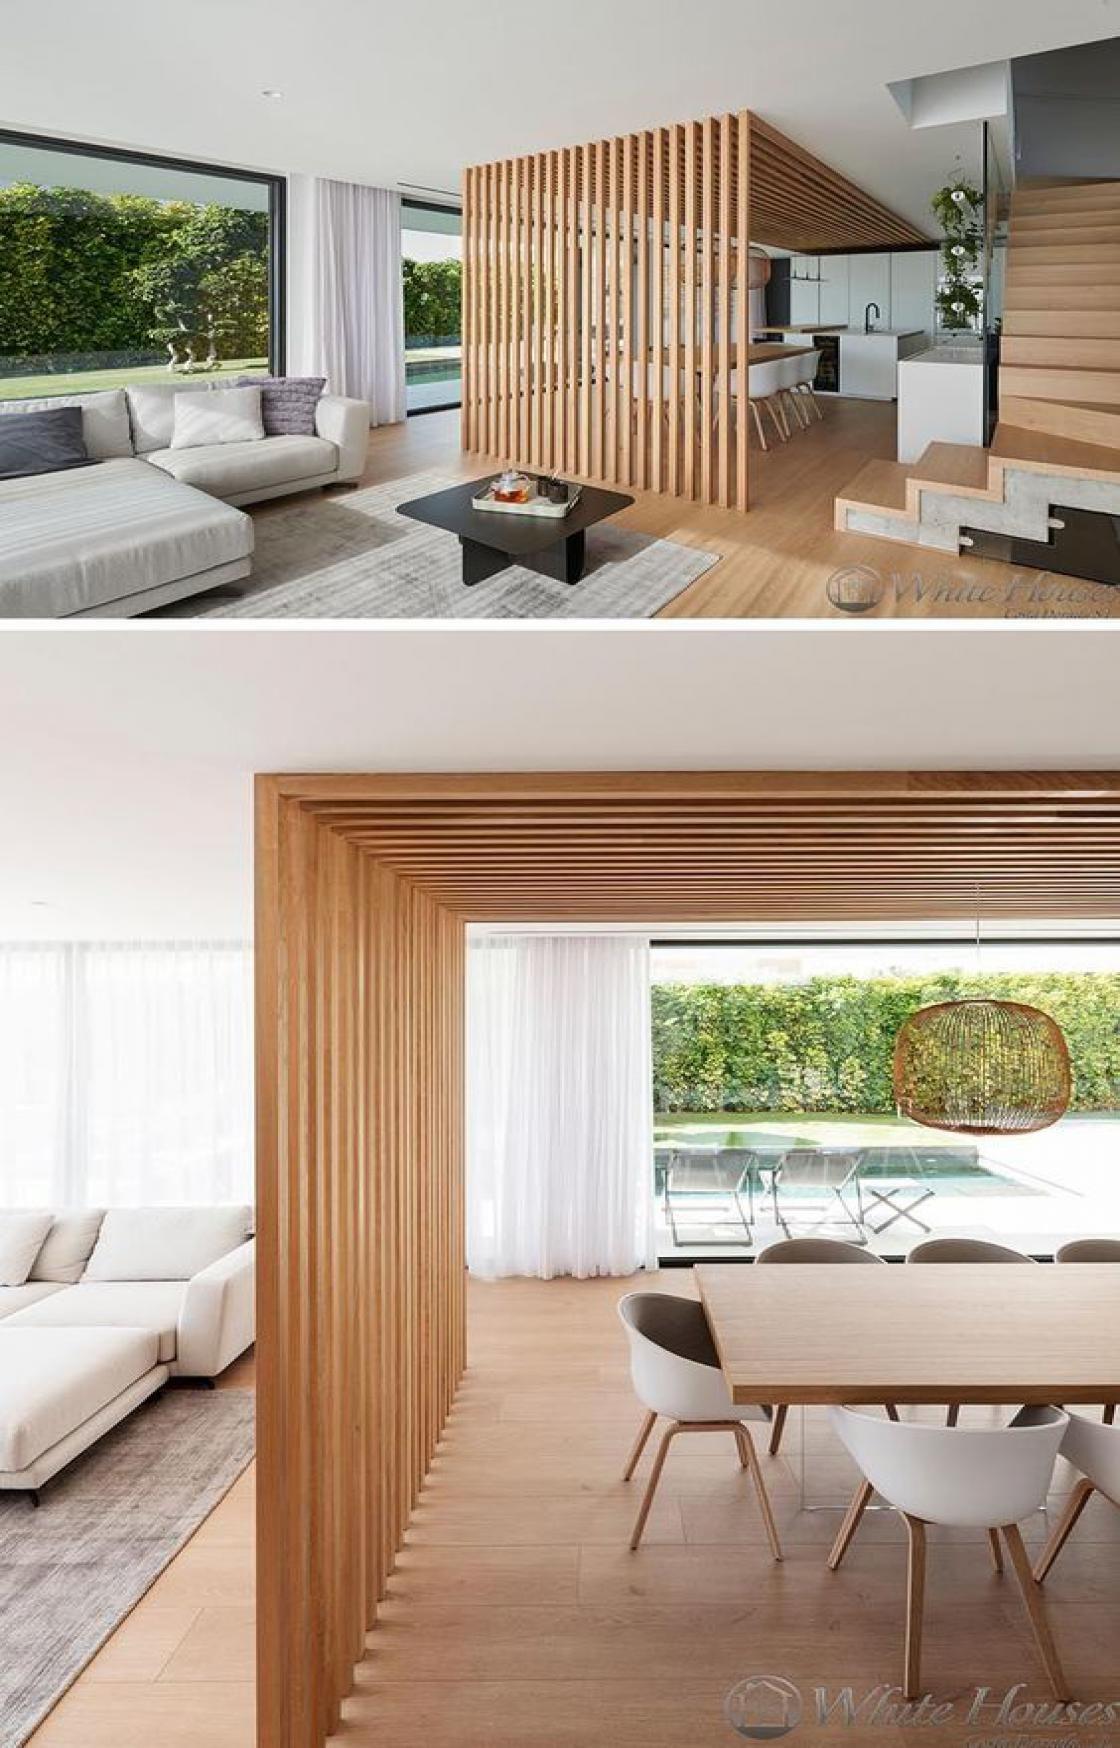 49 Inspiring French Country Garden Décor Ideas House Interior House Design Living Design